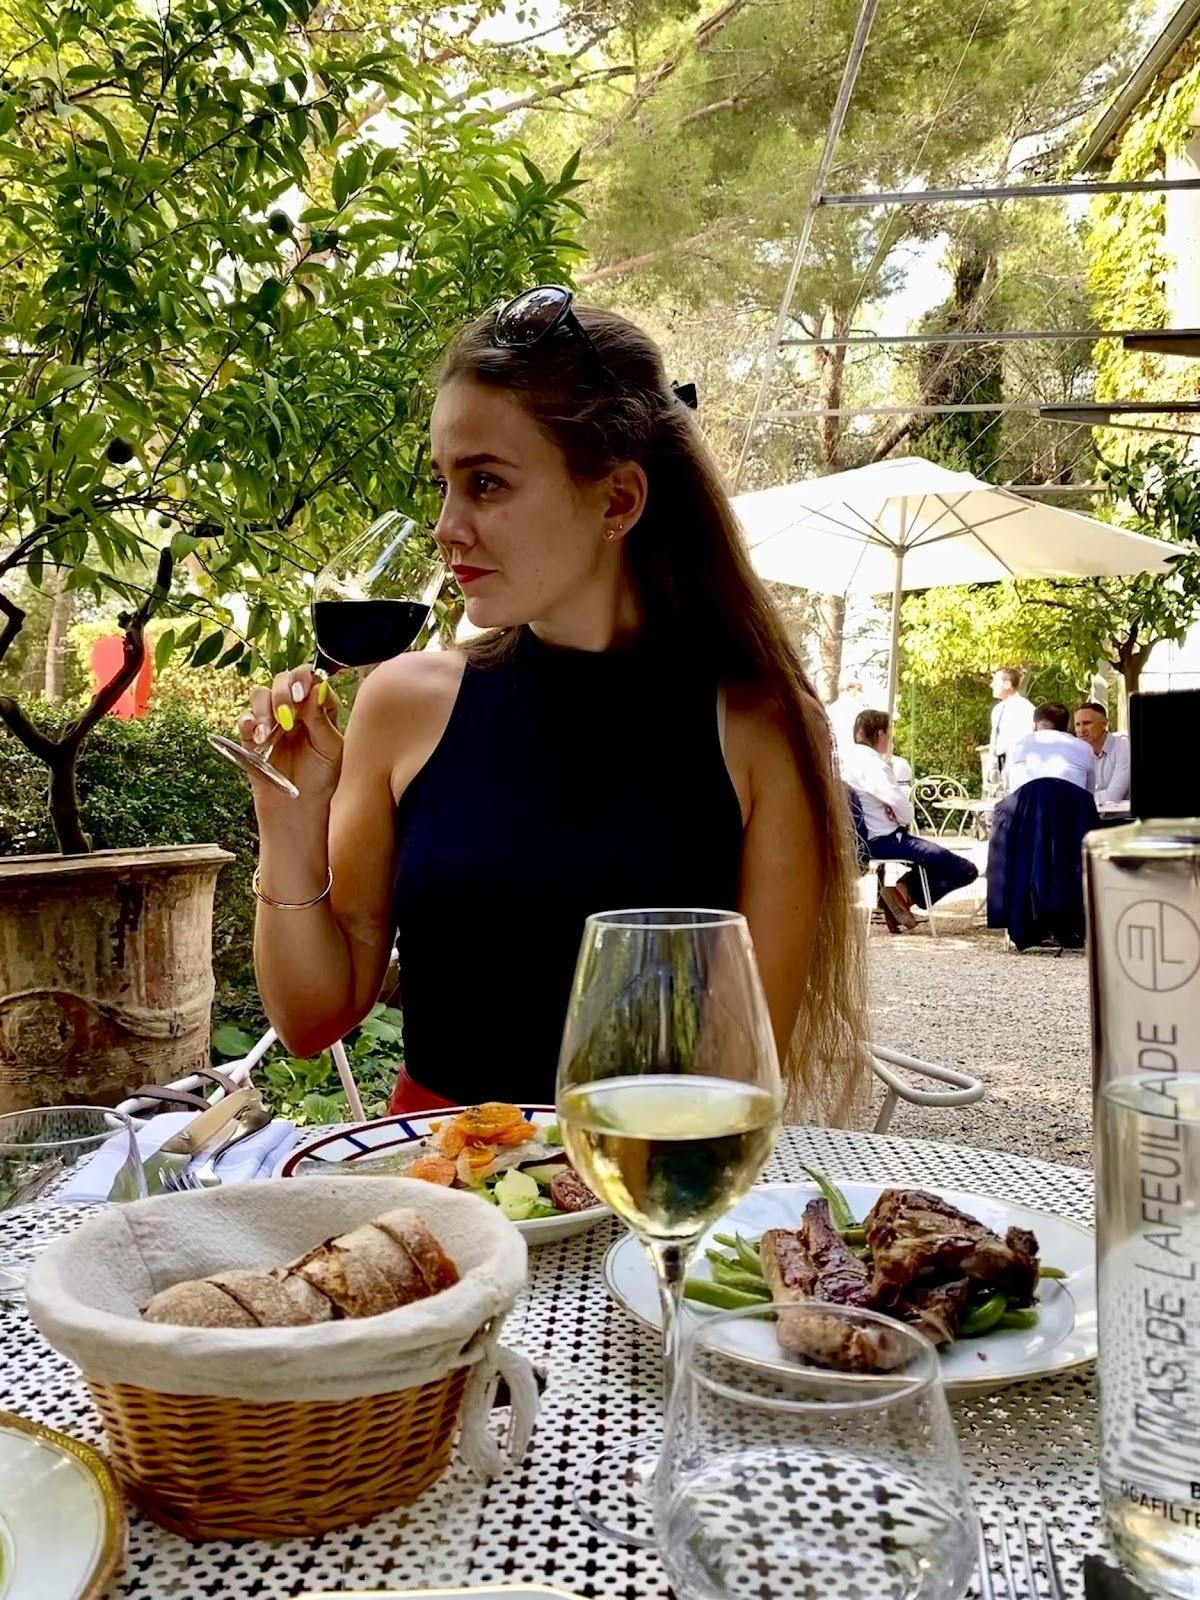 Une image contenant extérieur, alimentation, personne, table  Description générée automatiquement